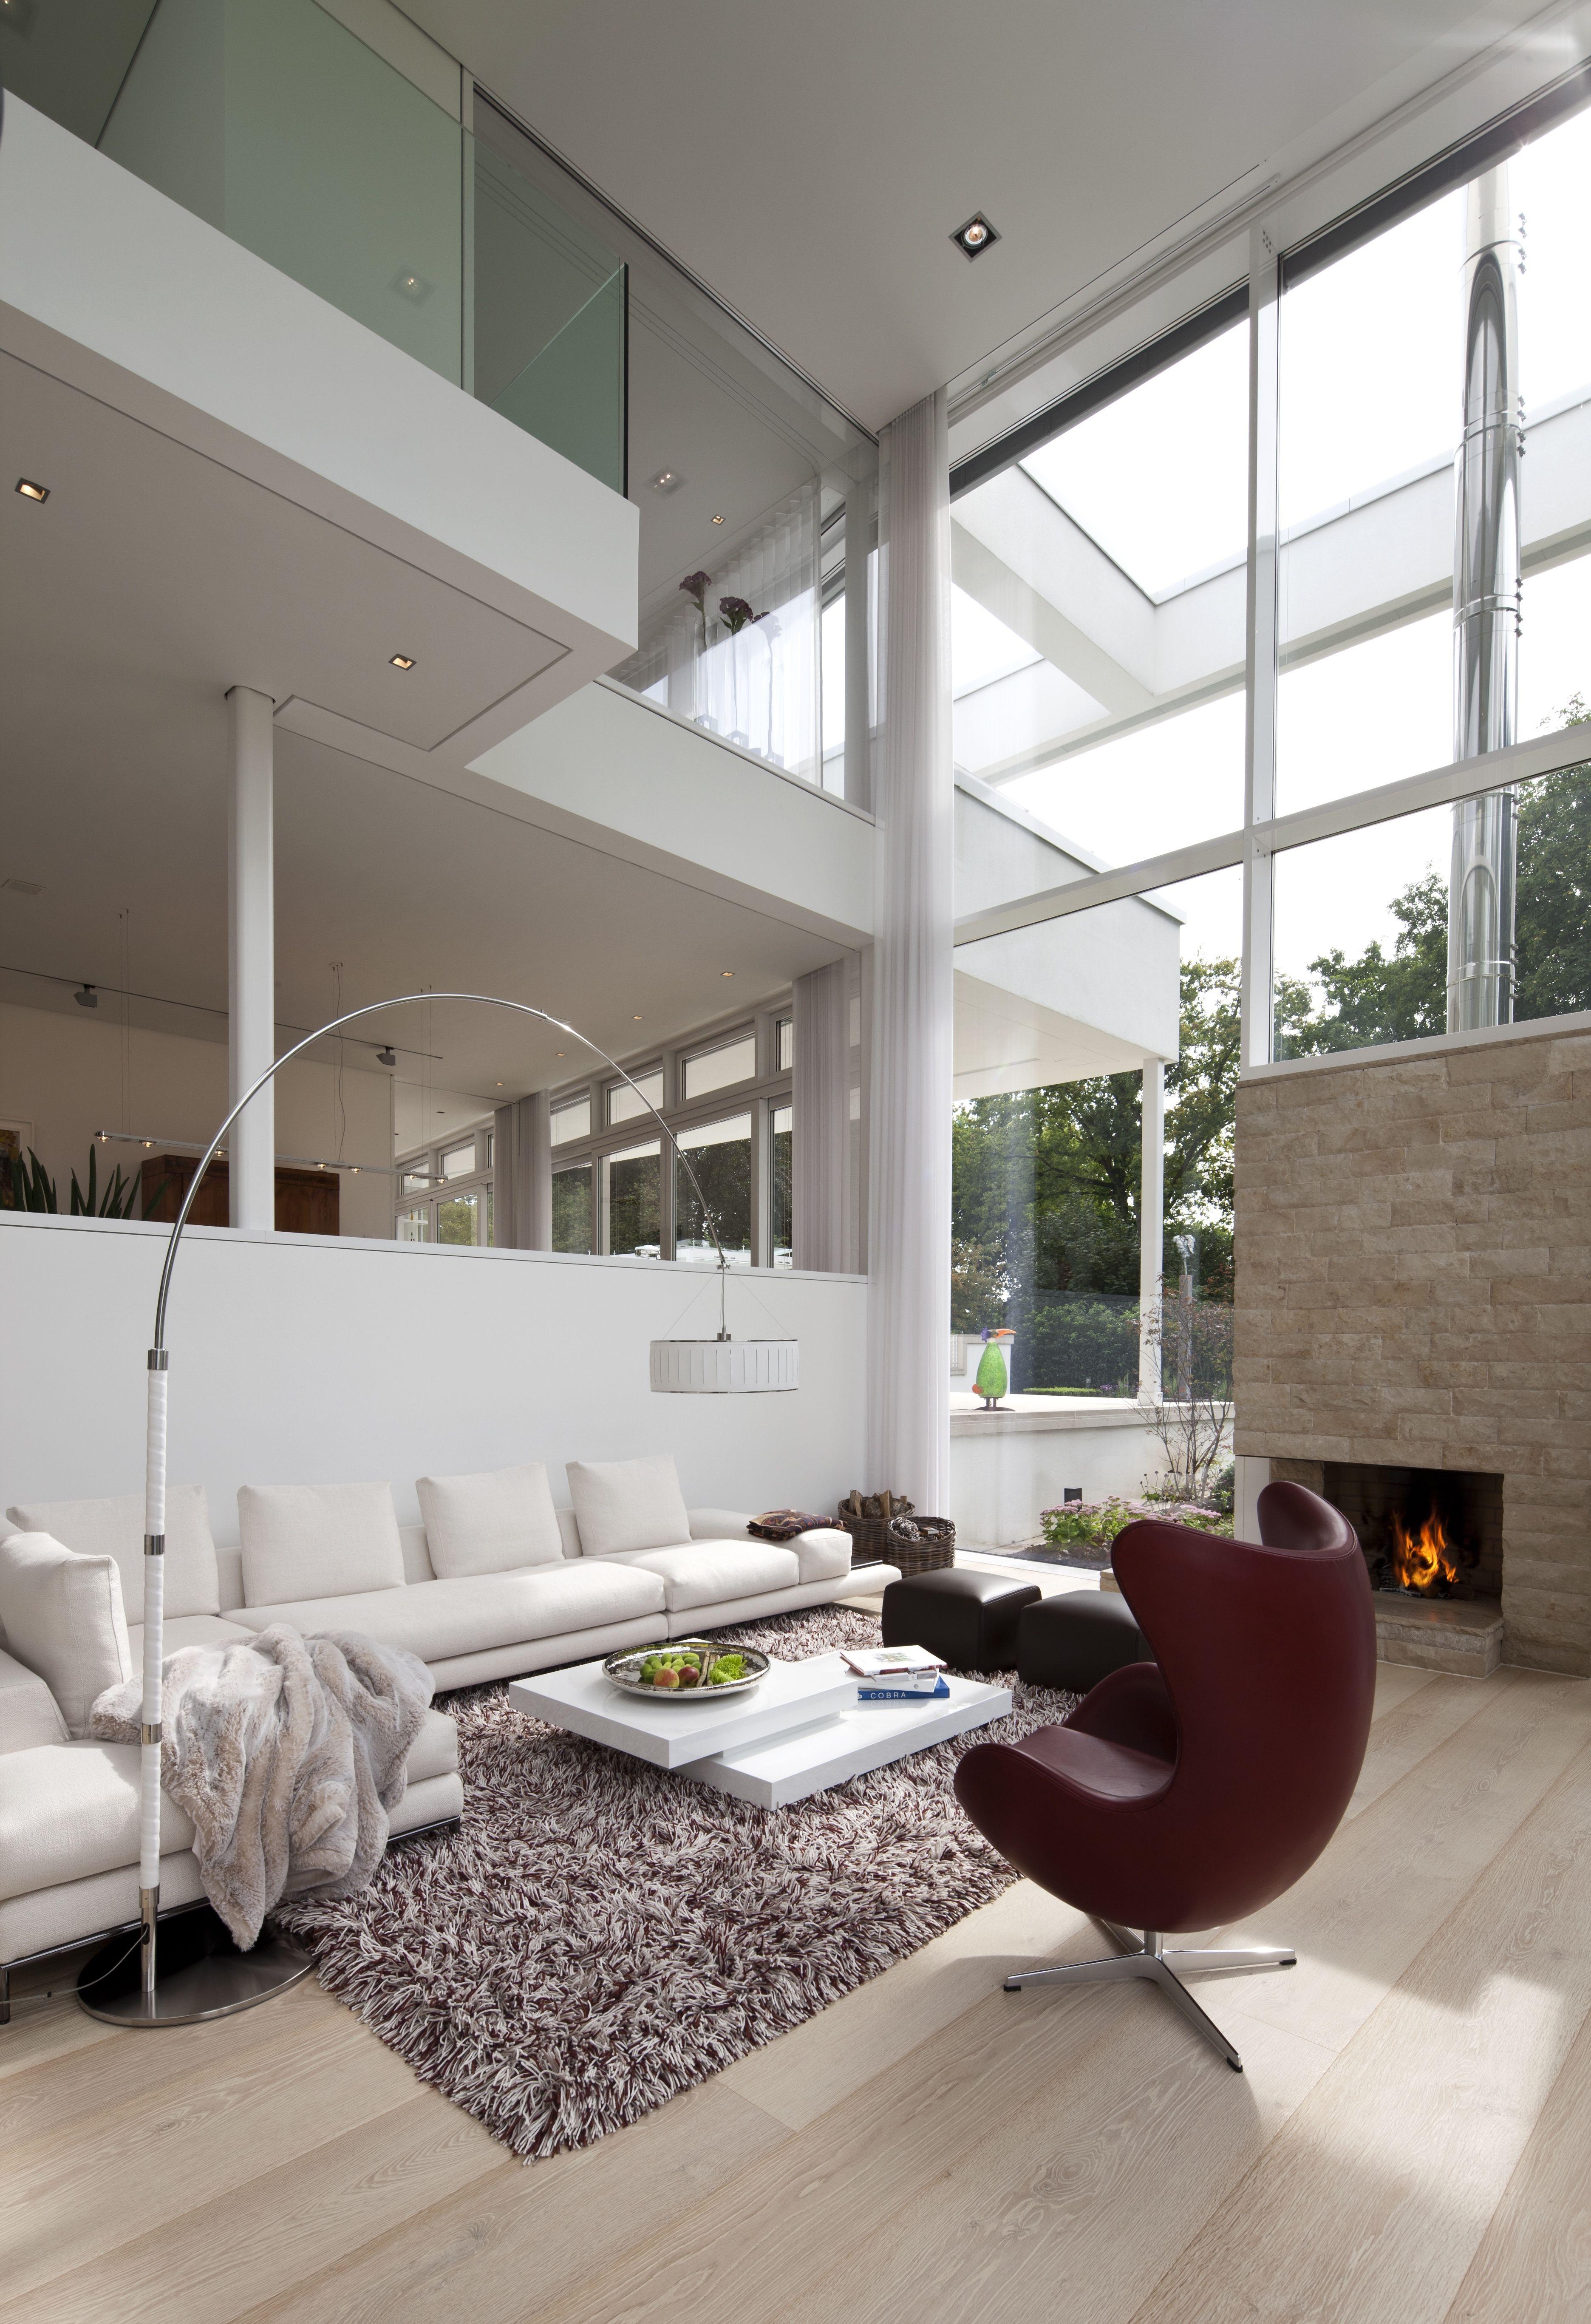 #modernehäuser #moderneswohnen #modernearchitektur #openspace  #designarchitektur #villaneubau #villa #modernevilla